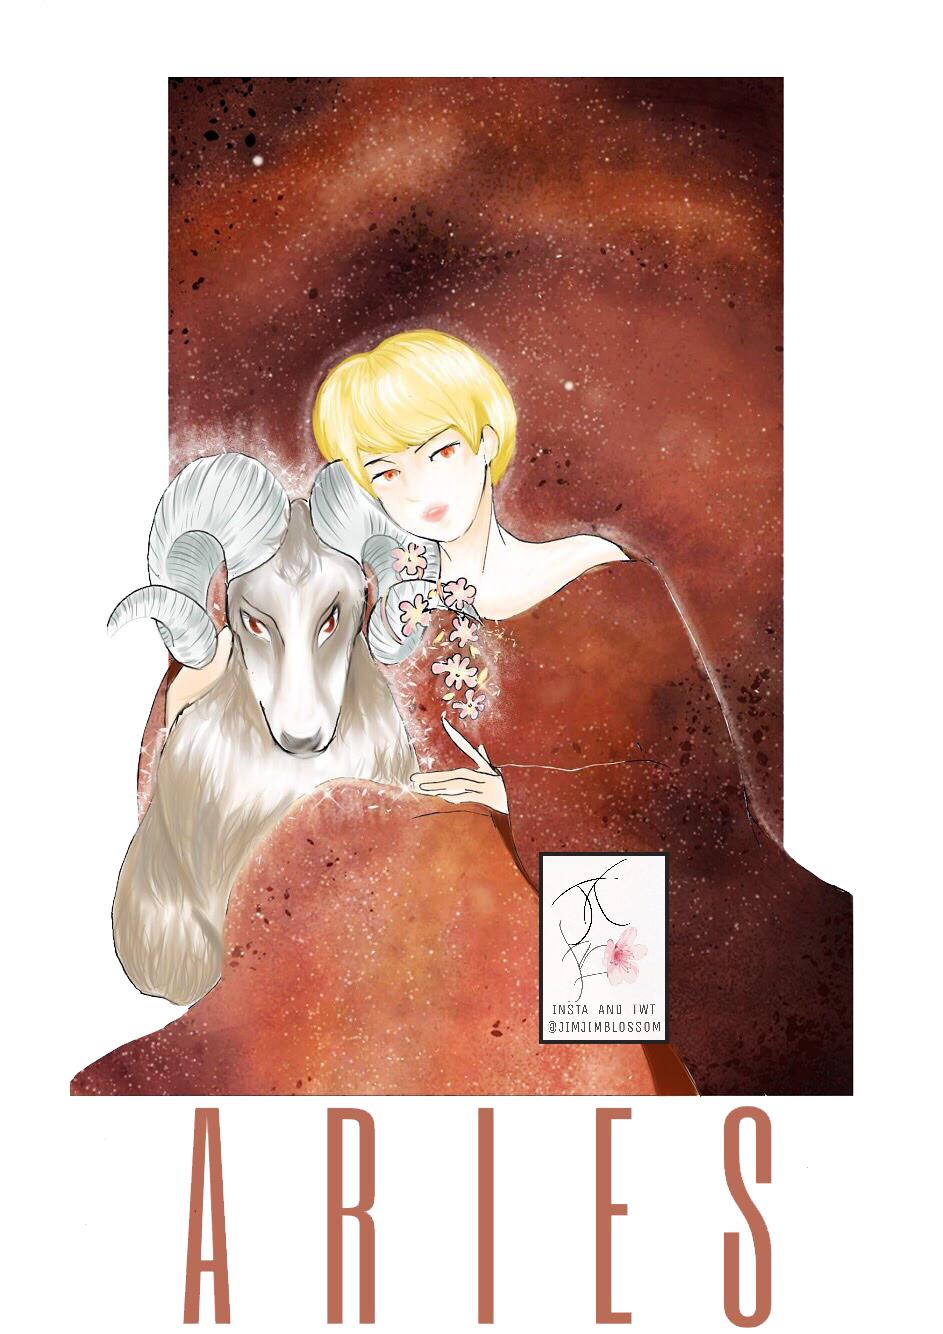 Cô gái tóc ngắn ngồi cạnh con cừu